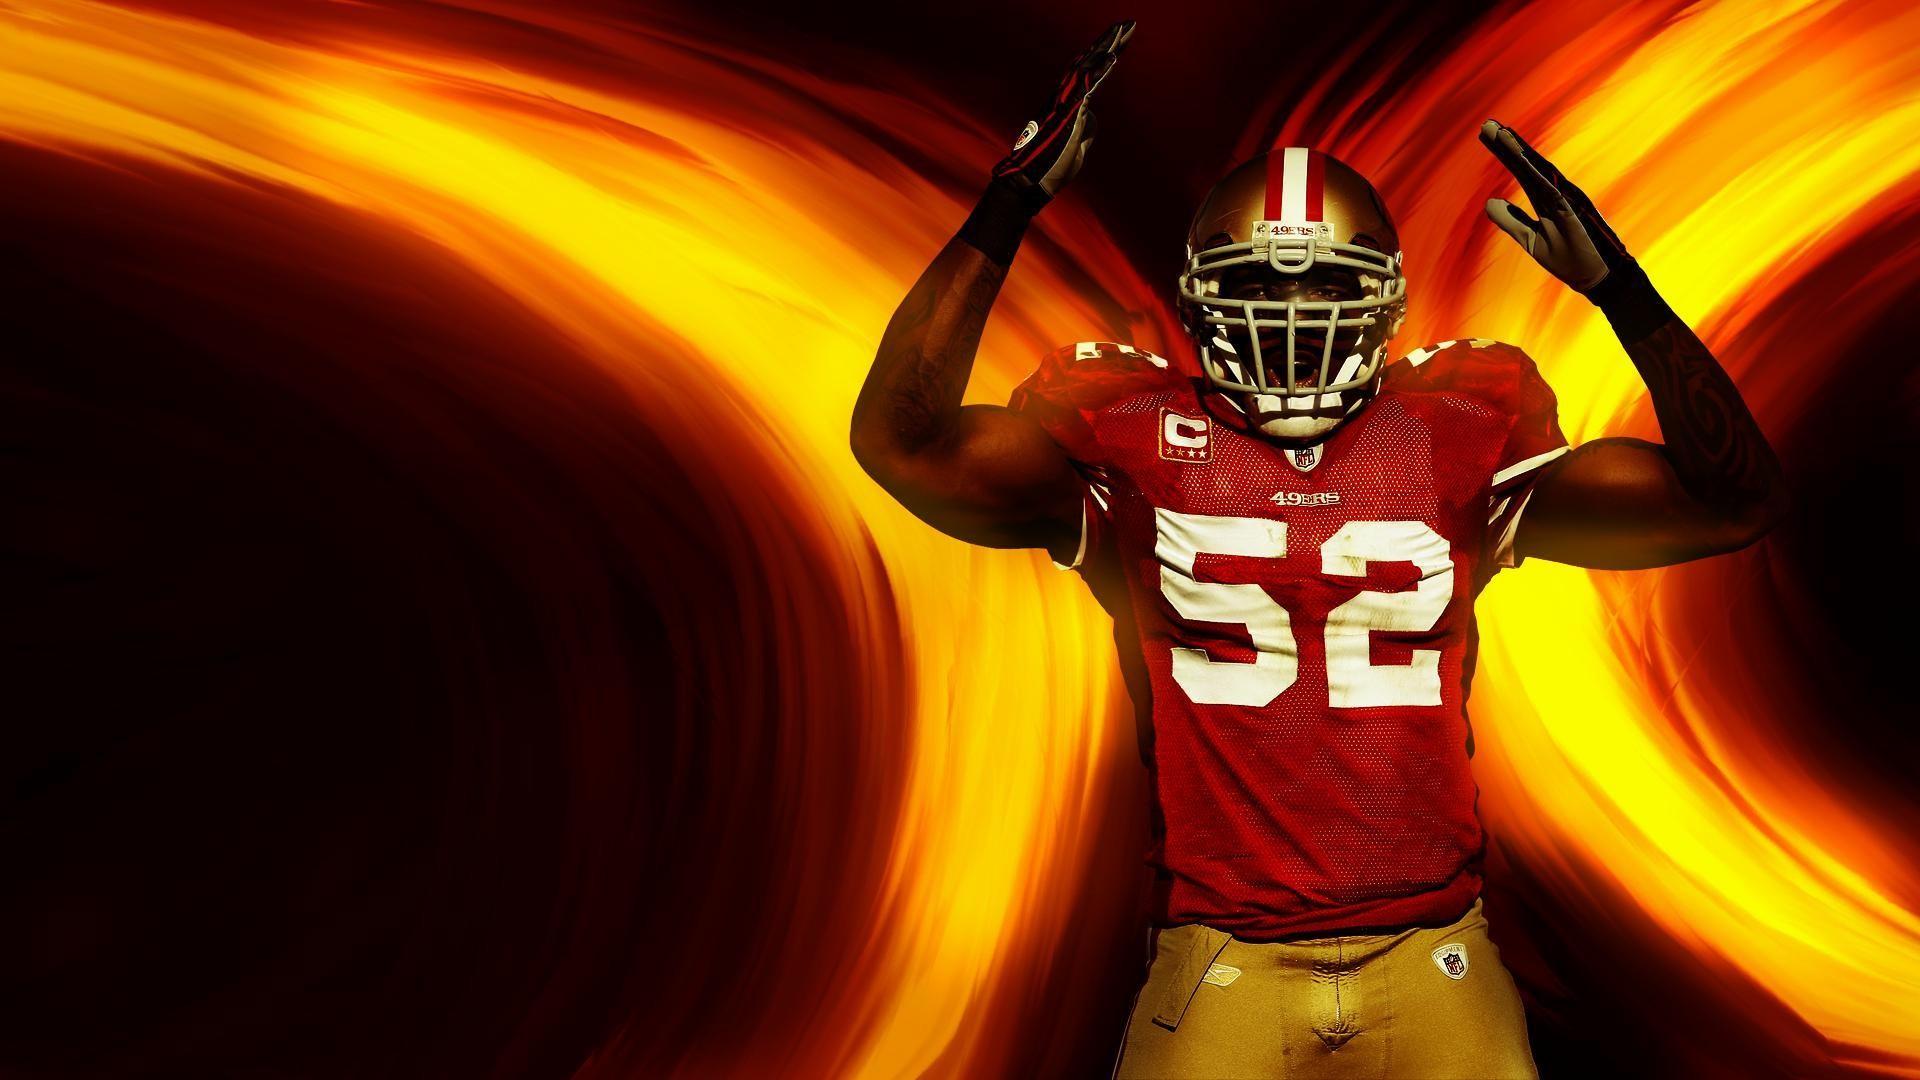 Patrick-Willis-SF-49ers-Wallpaper